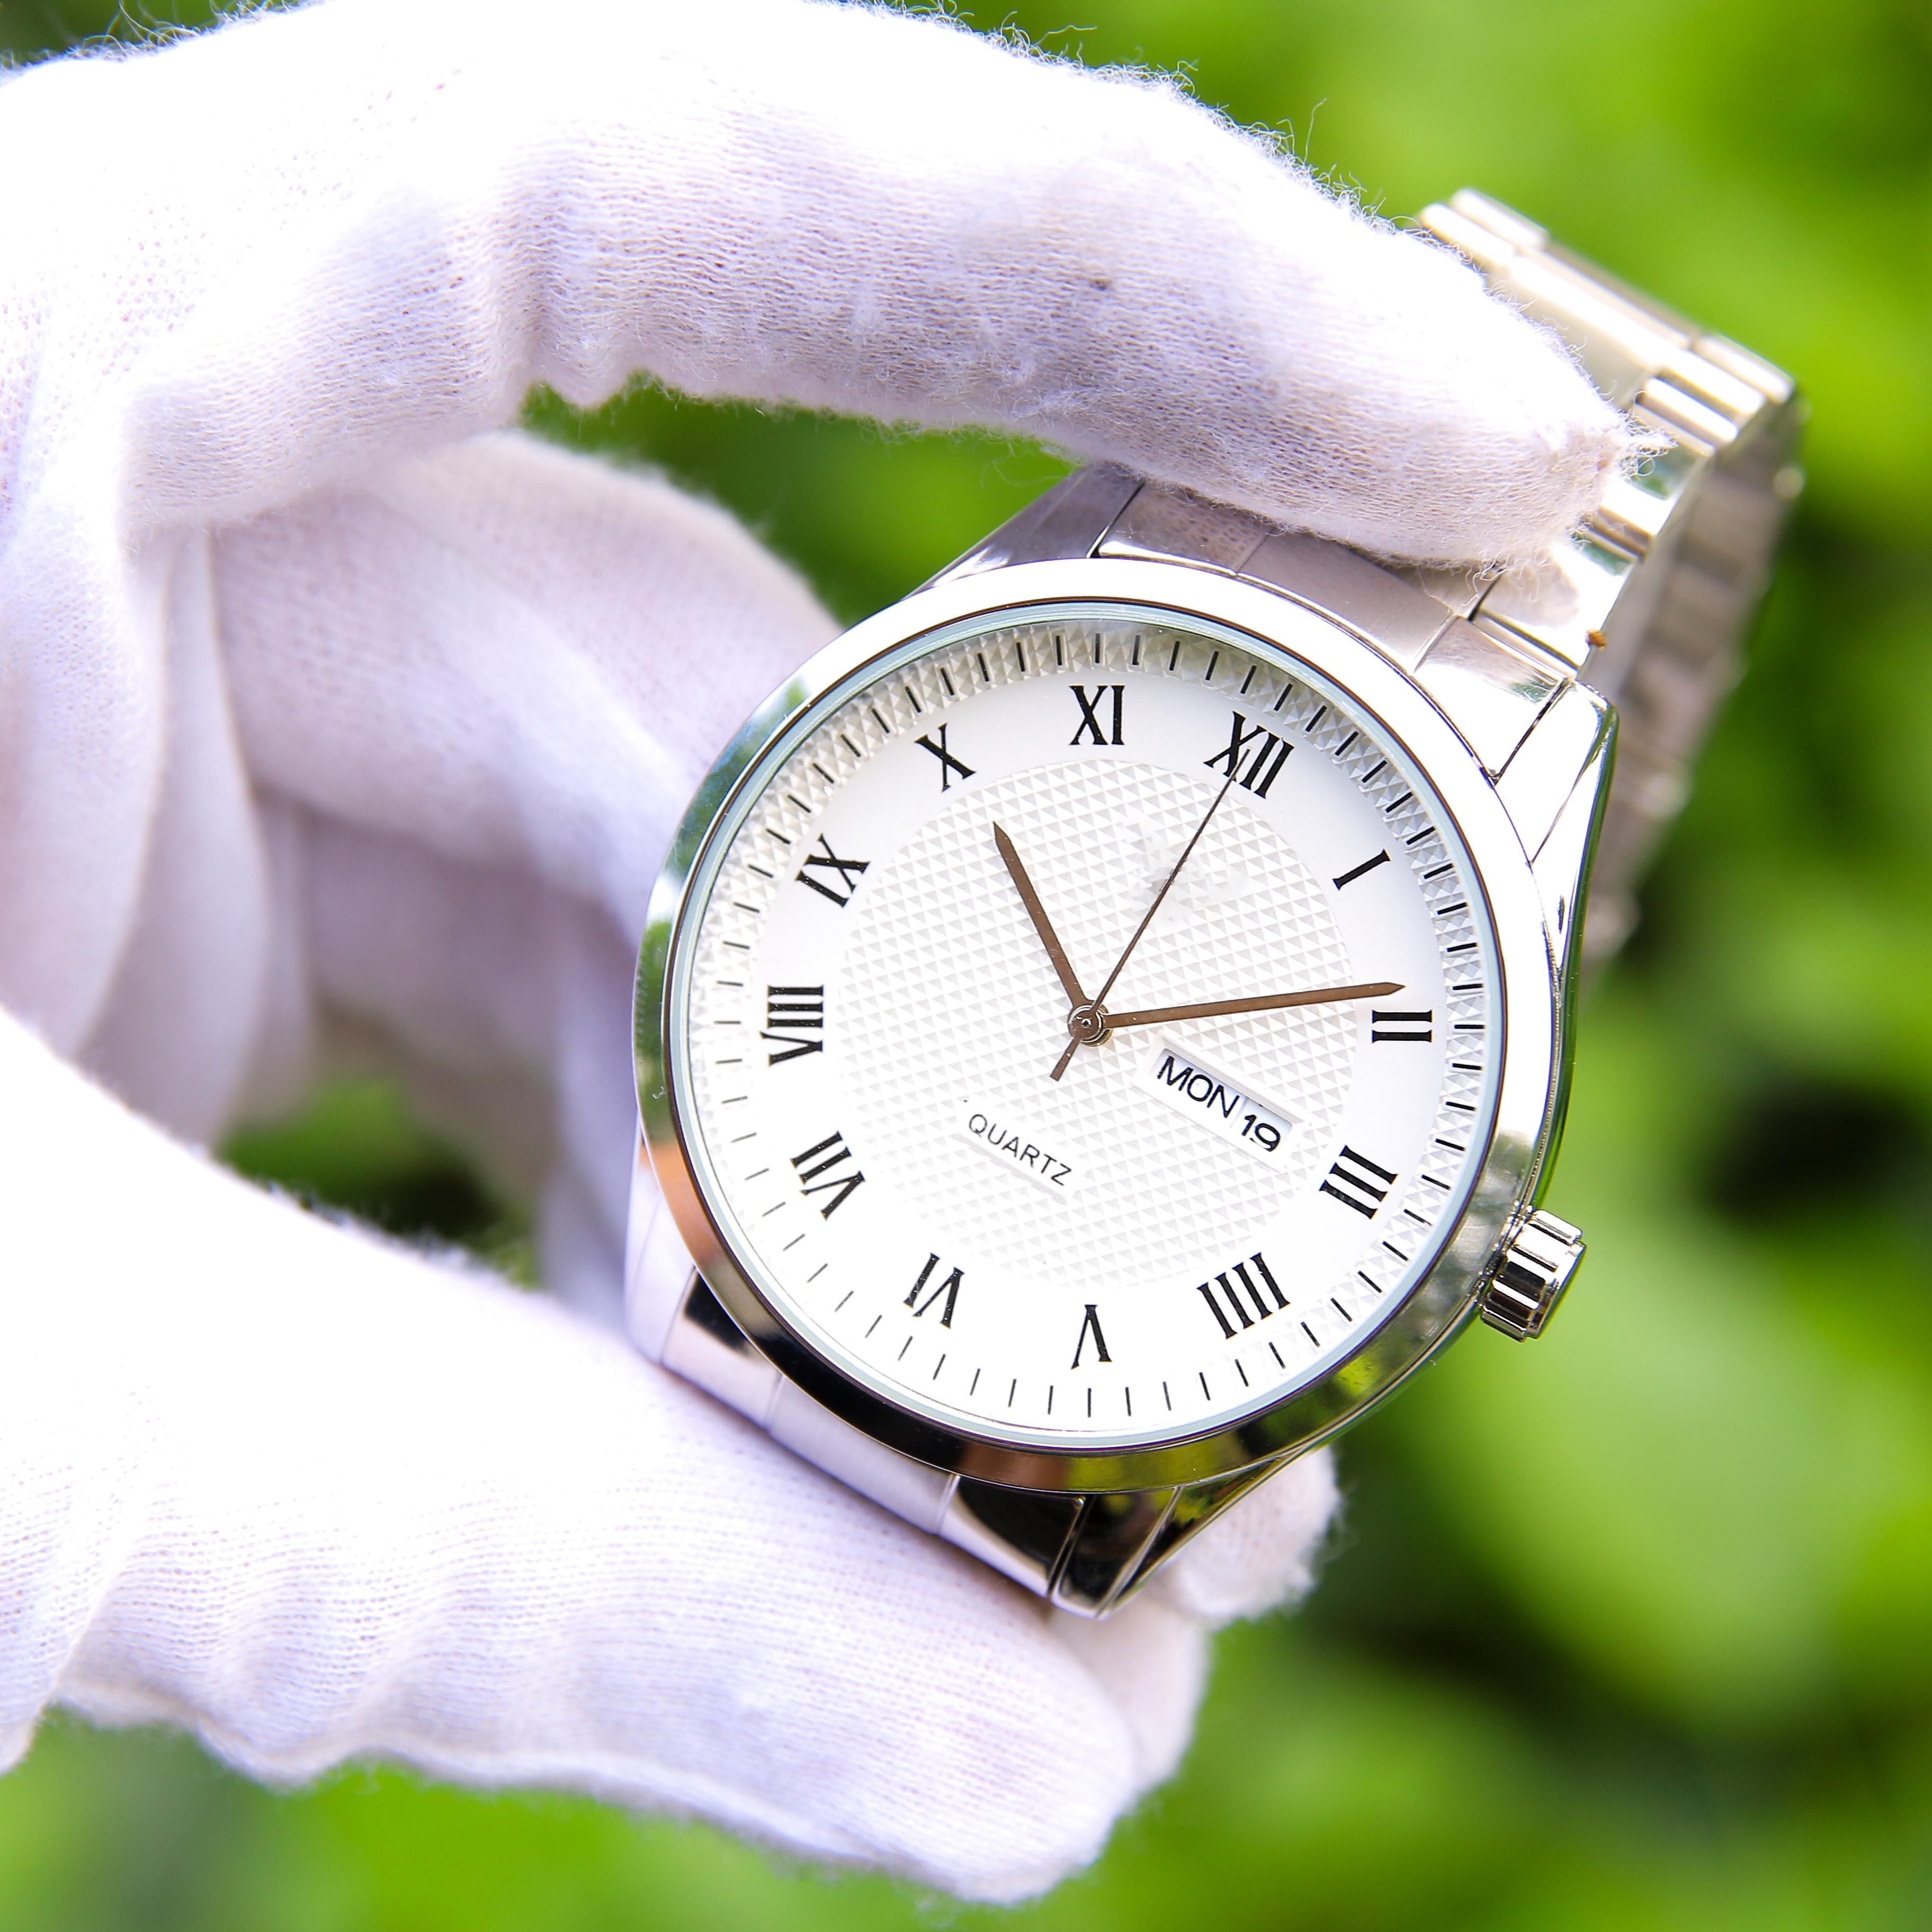 Đồng hồ nam dây kim loại cao cấp – Thiết kế sang trọng, lịch lãm, dễ phối đồ – Mặt kính cứng chống xước, chống nước hiệu quả - Hiển thị lịch ngày tháng - TI003050